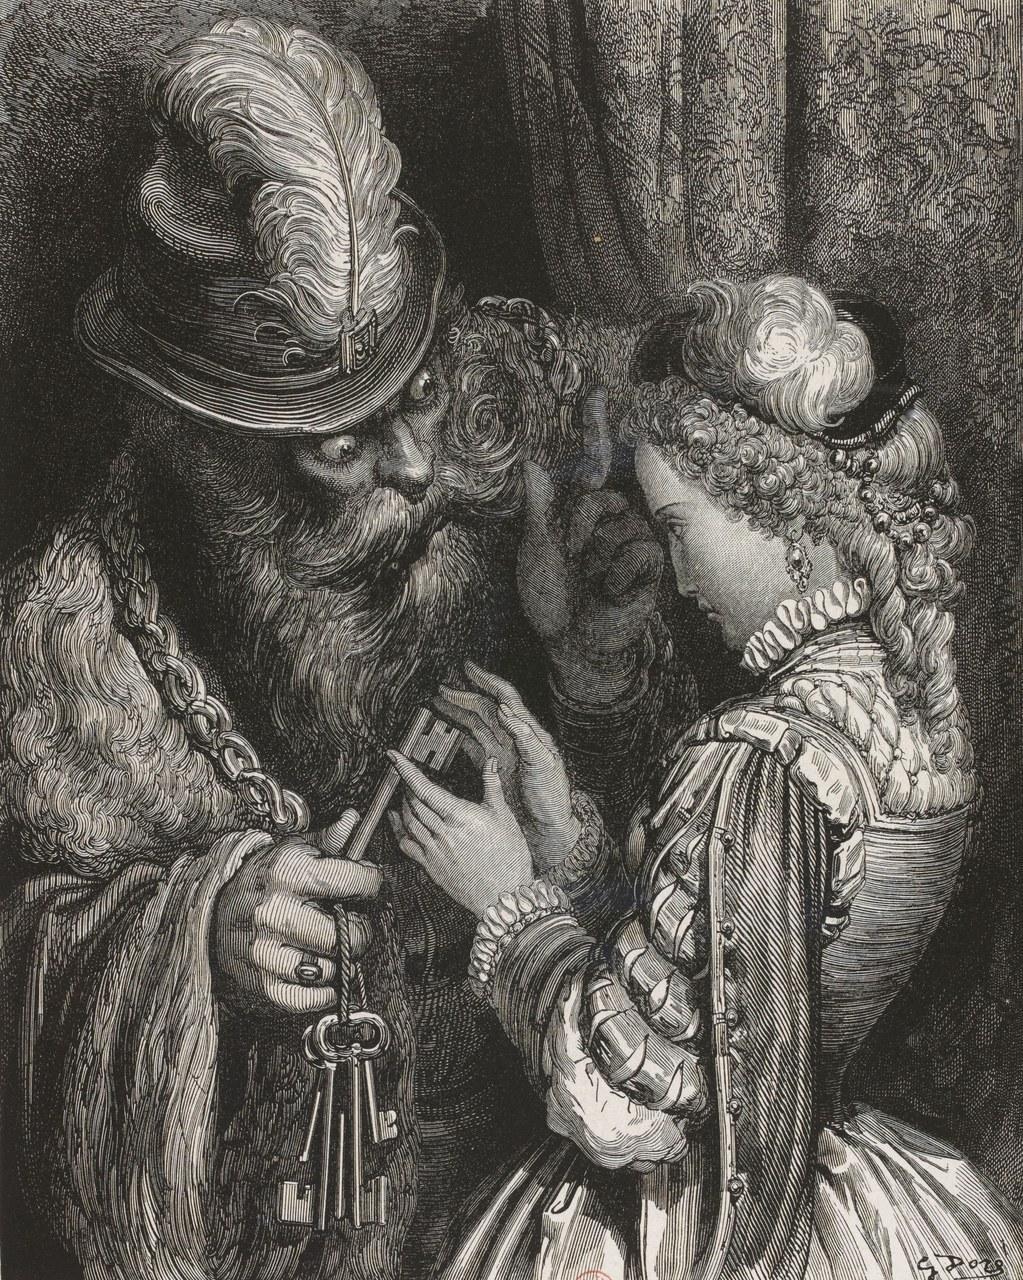 Fig.1 Gustave Doré, S'il vous arrive de l'ouvrir, iul n'y a rien que vous ne deviez attendre de ma colère, 1862.